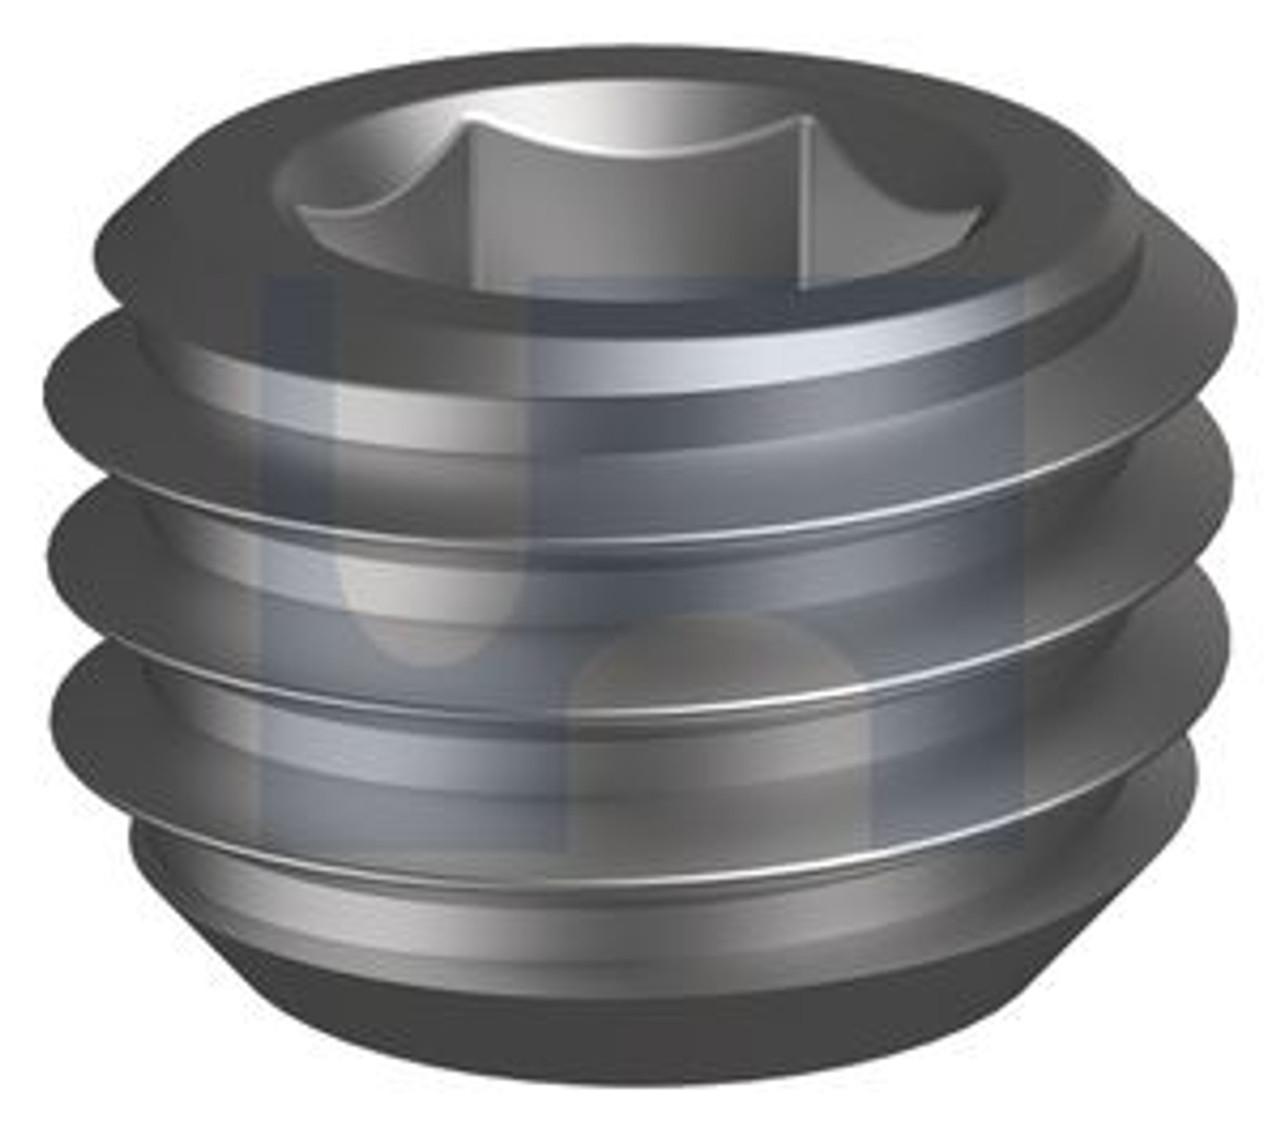 SOCKET PRESSURE PLUG TAPER METRIC